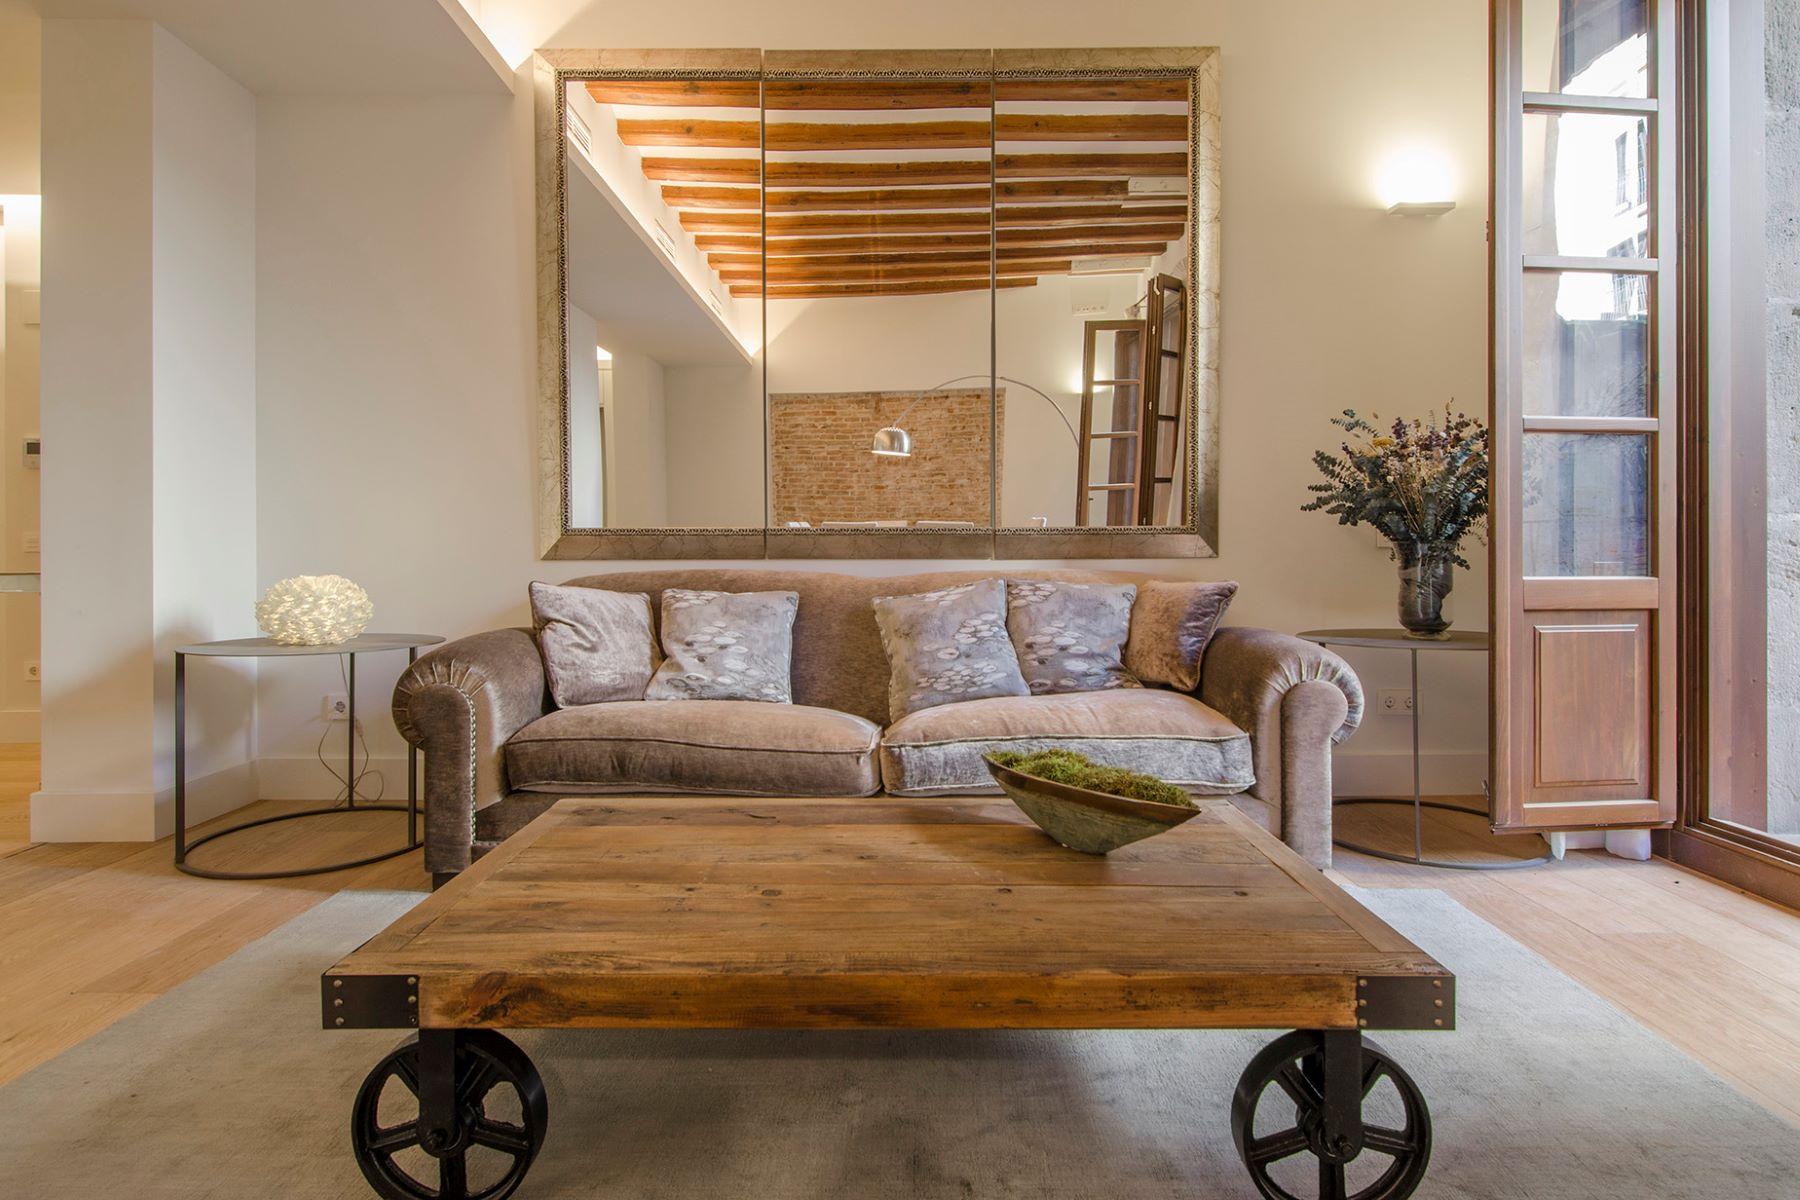 Căn hộ vì Bán tại Brand New Apartment with an Exclusive Terrace Barcelona City, Barcelona, 08002 Tây Ban Nha